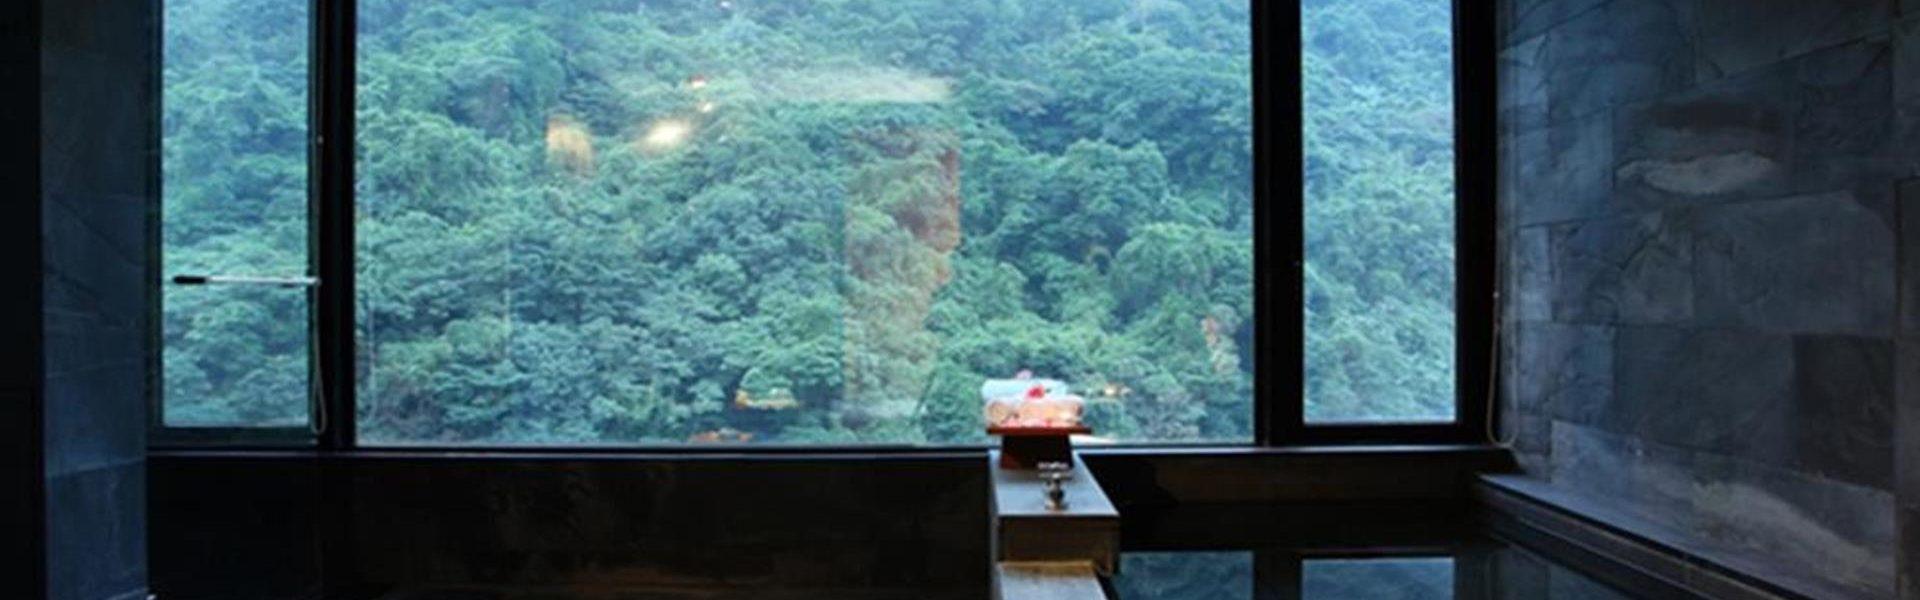 【烏來溫泉住宿推薦】親子遊泡湯、休息必住的烏來溫泉飯店、湯屋!